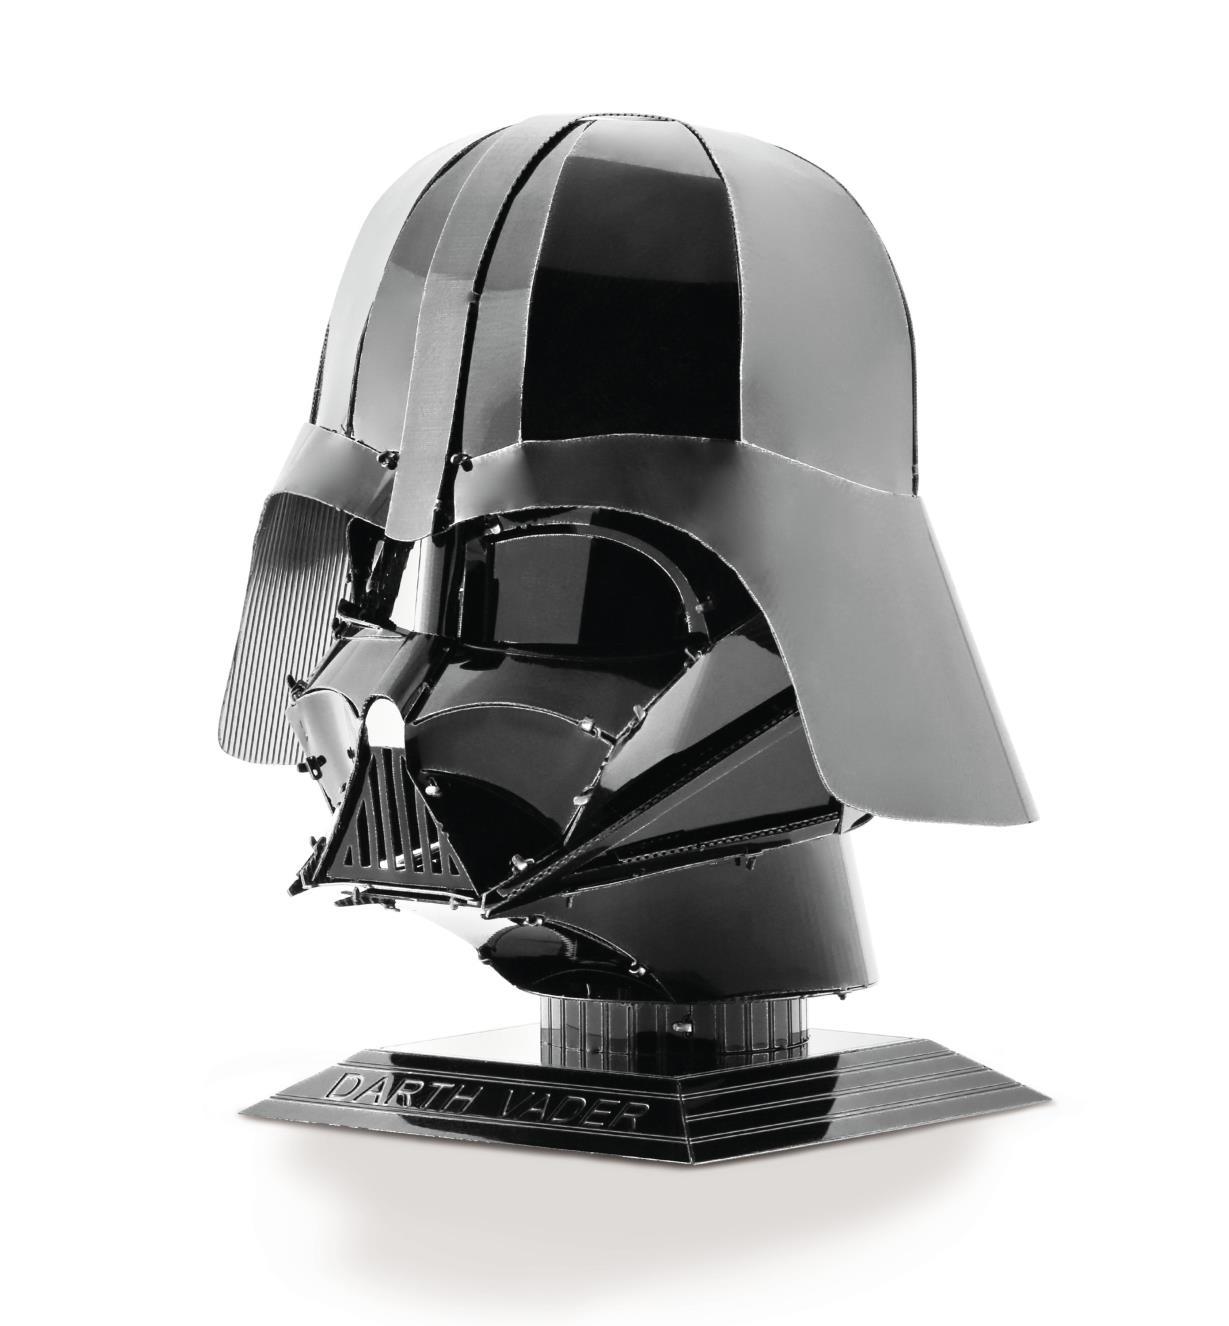 45K4164 - Modèle réduit en métal – Star Wars: Casque de Dark Vador